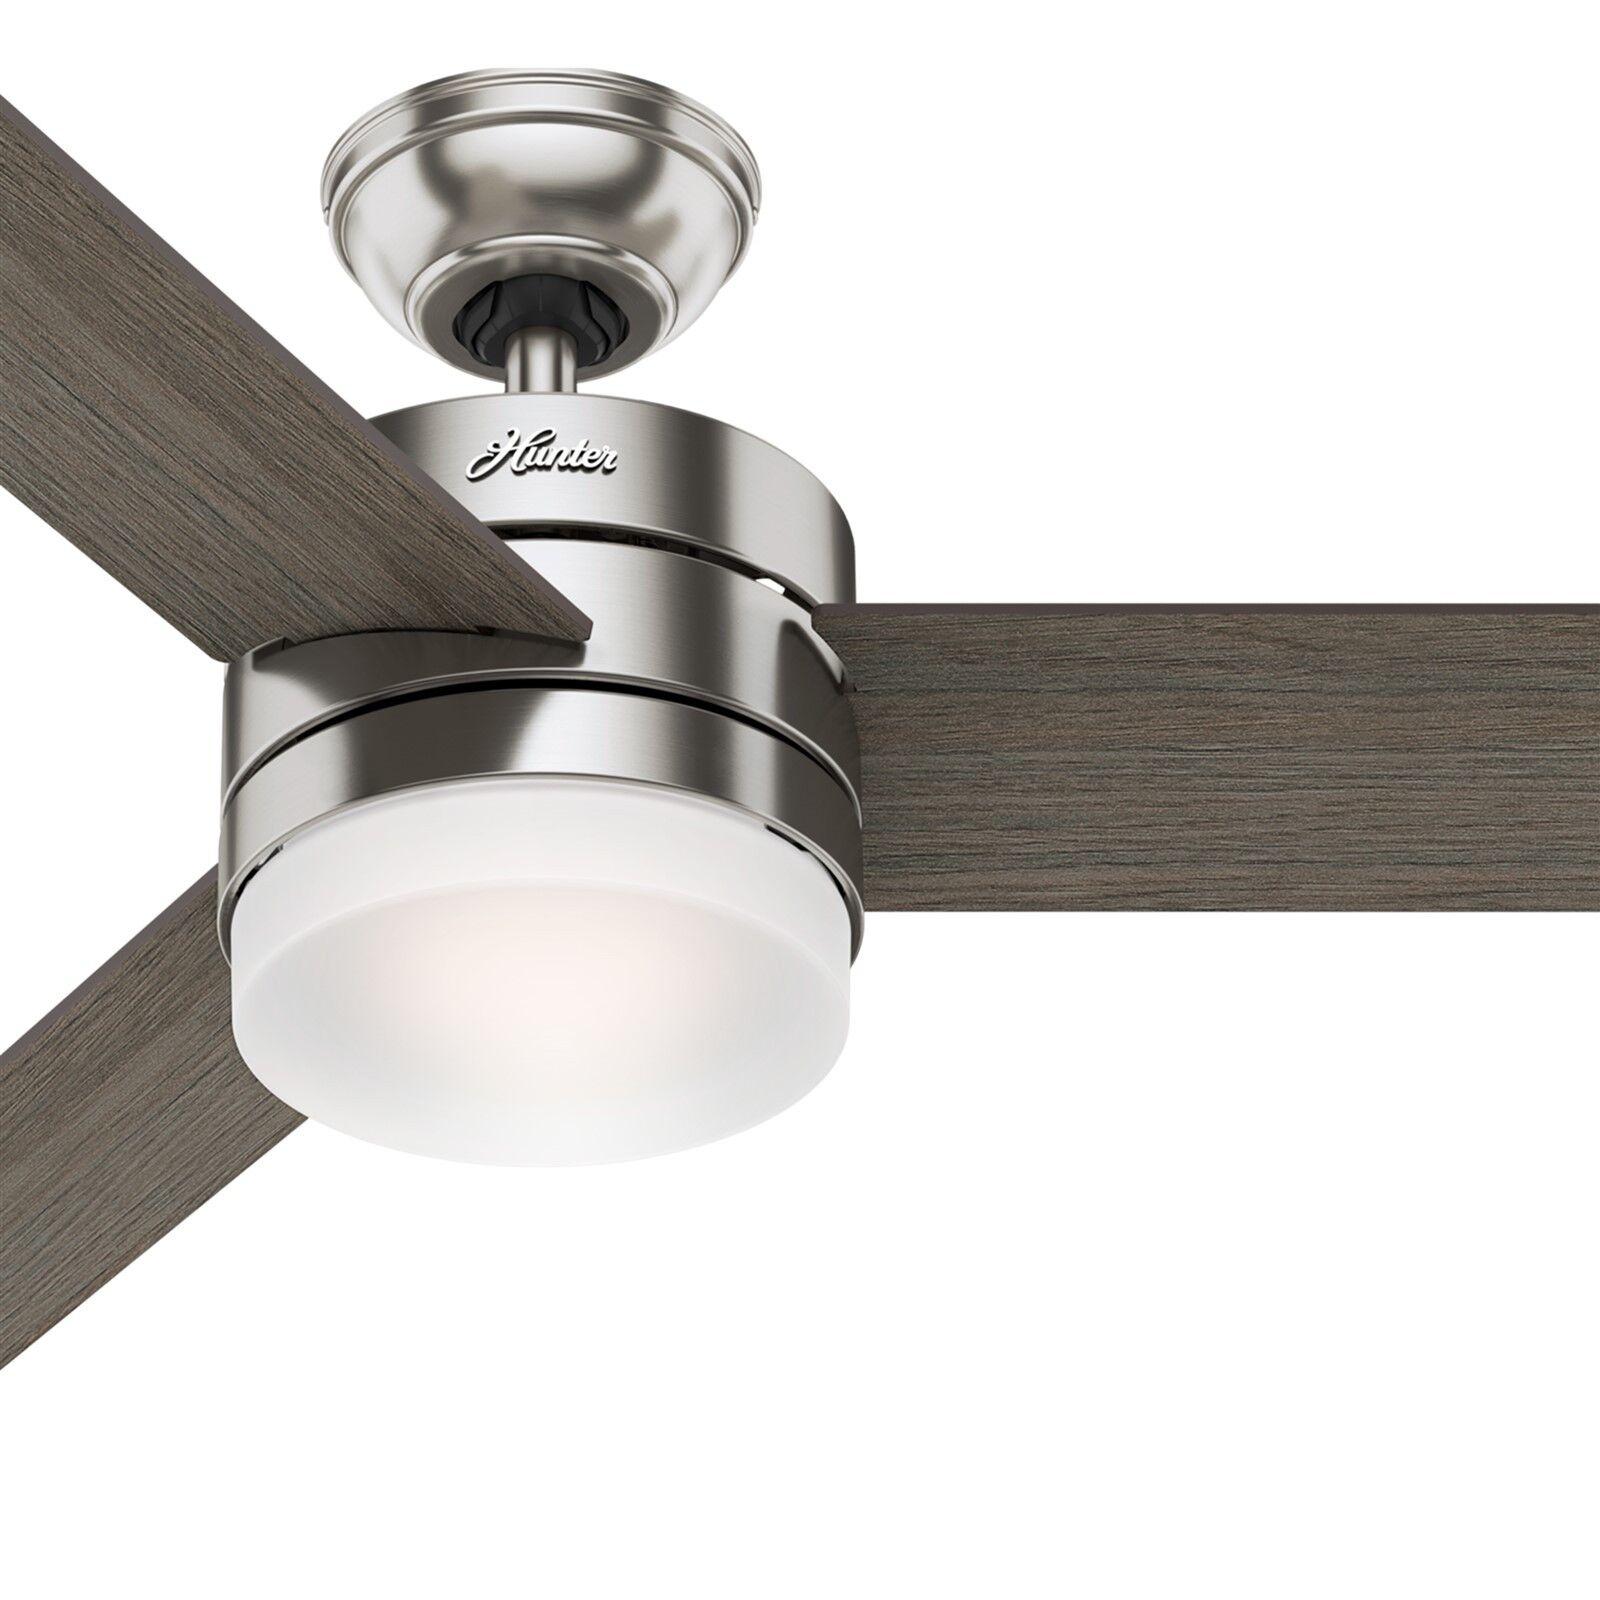 Hunter Fan Bayview Palm Leaf 54 Inch 5 Blade Ceiling Fan For Sale Online Ebay